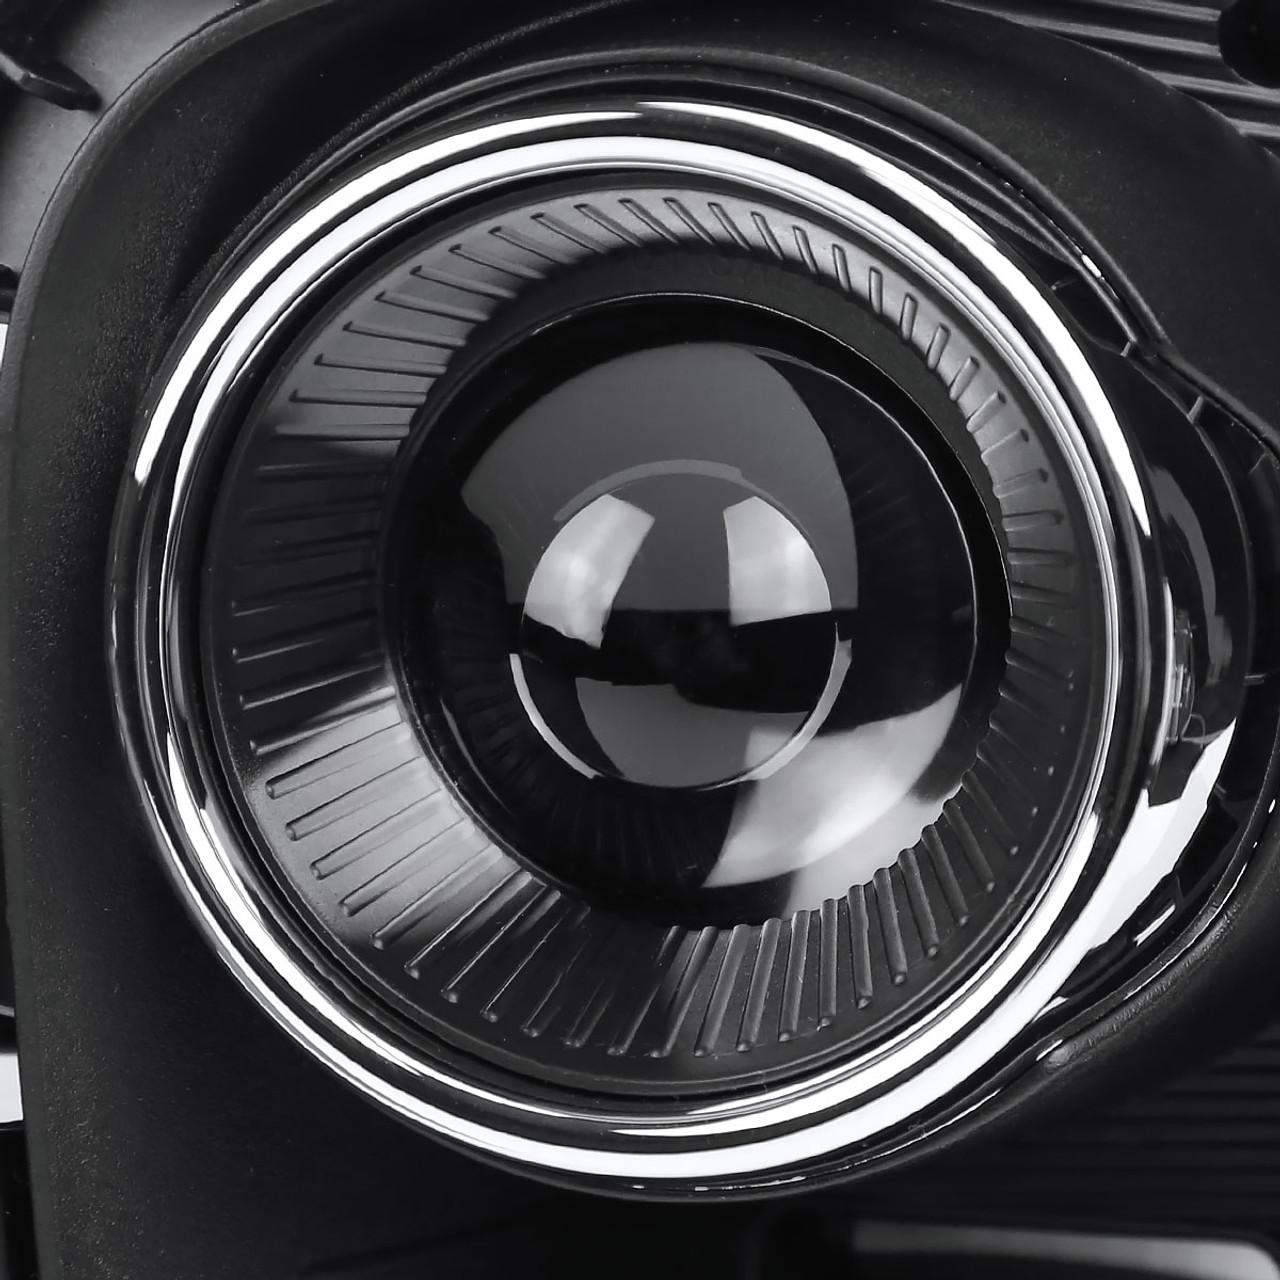 Spec-D Tuning LF-CRV02COEM-DL Clear Fog Light